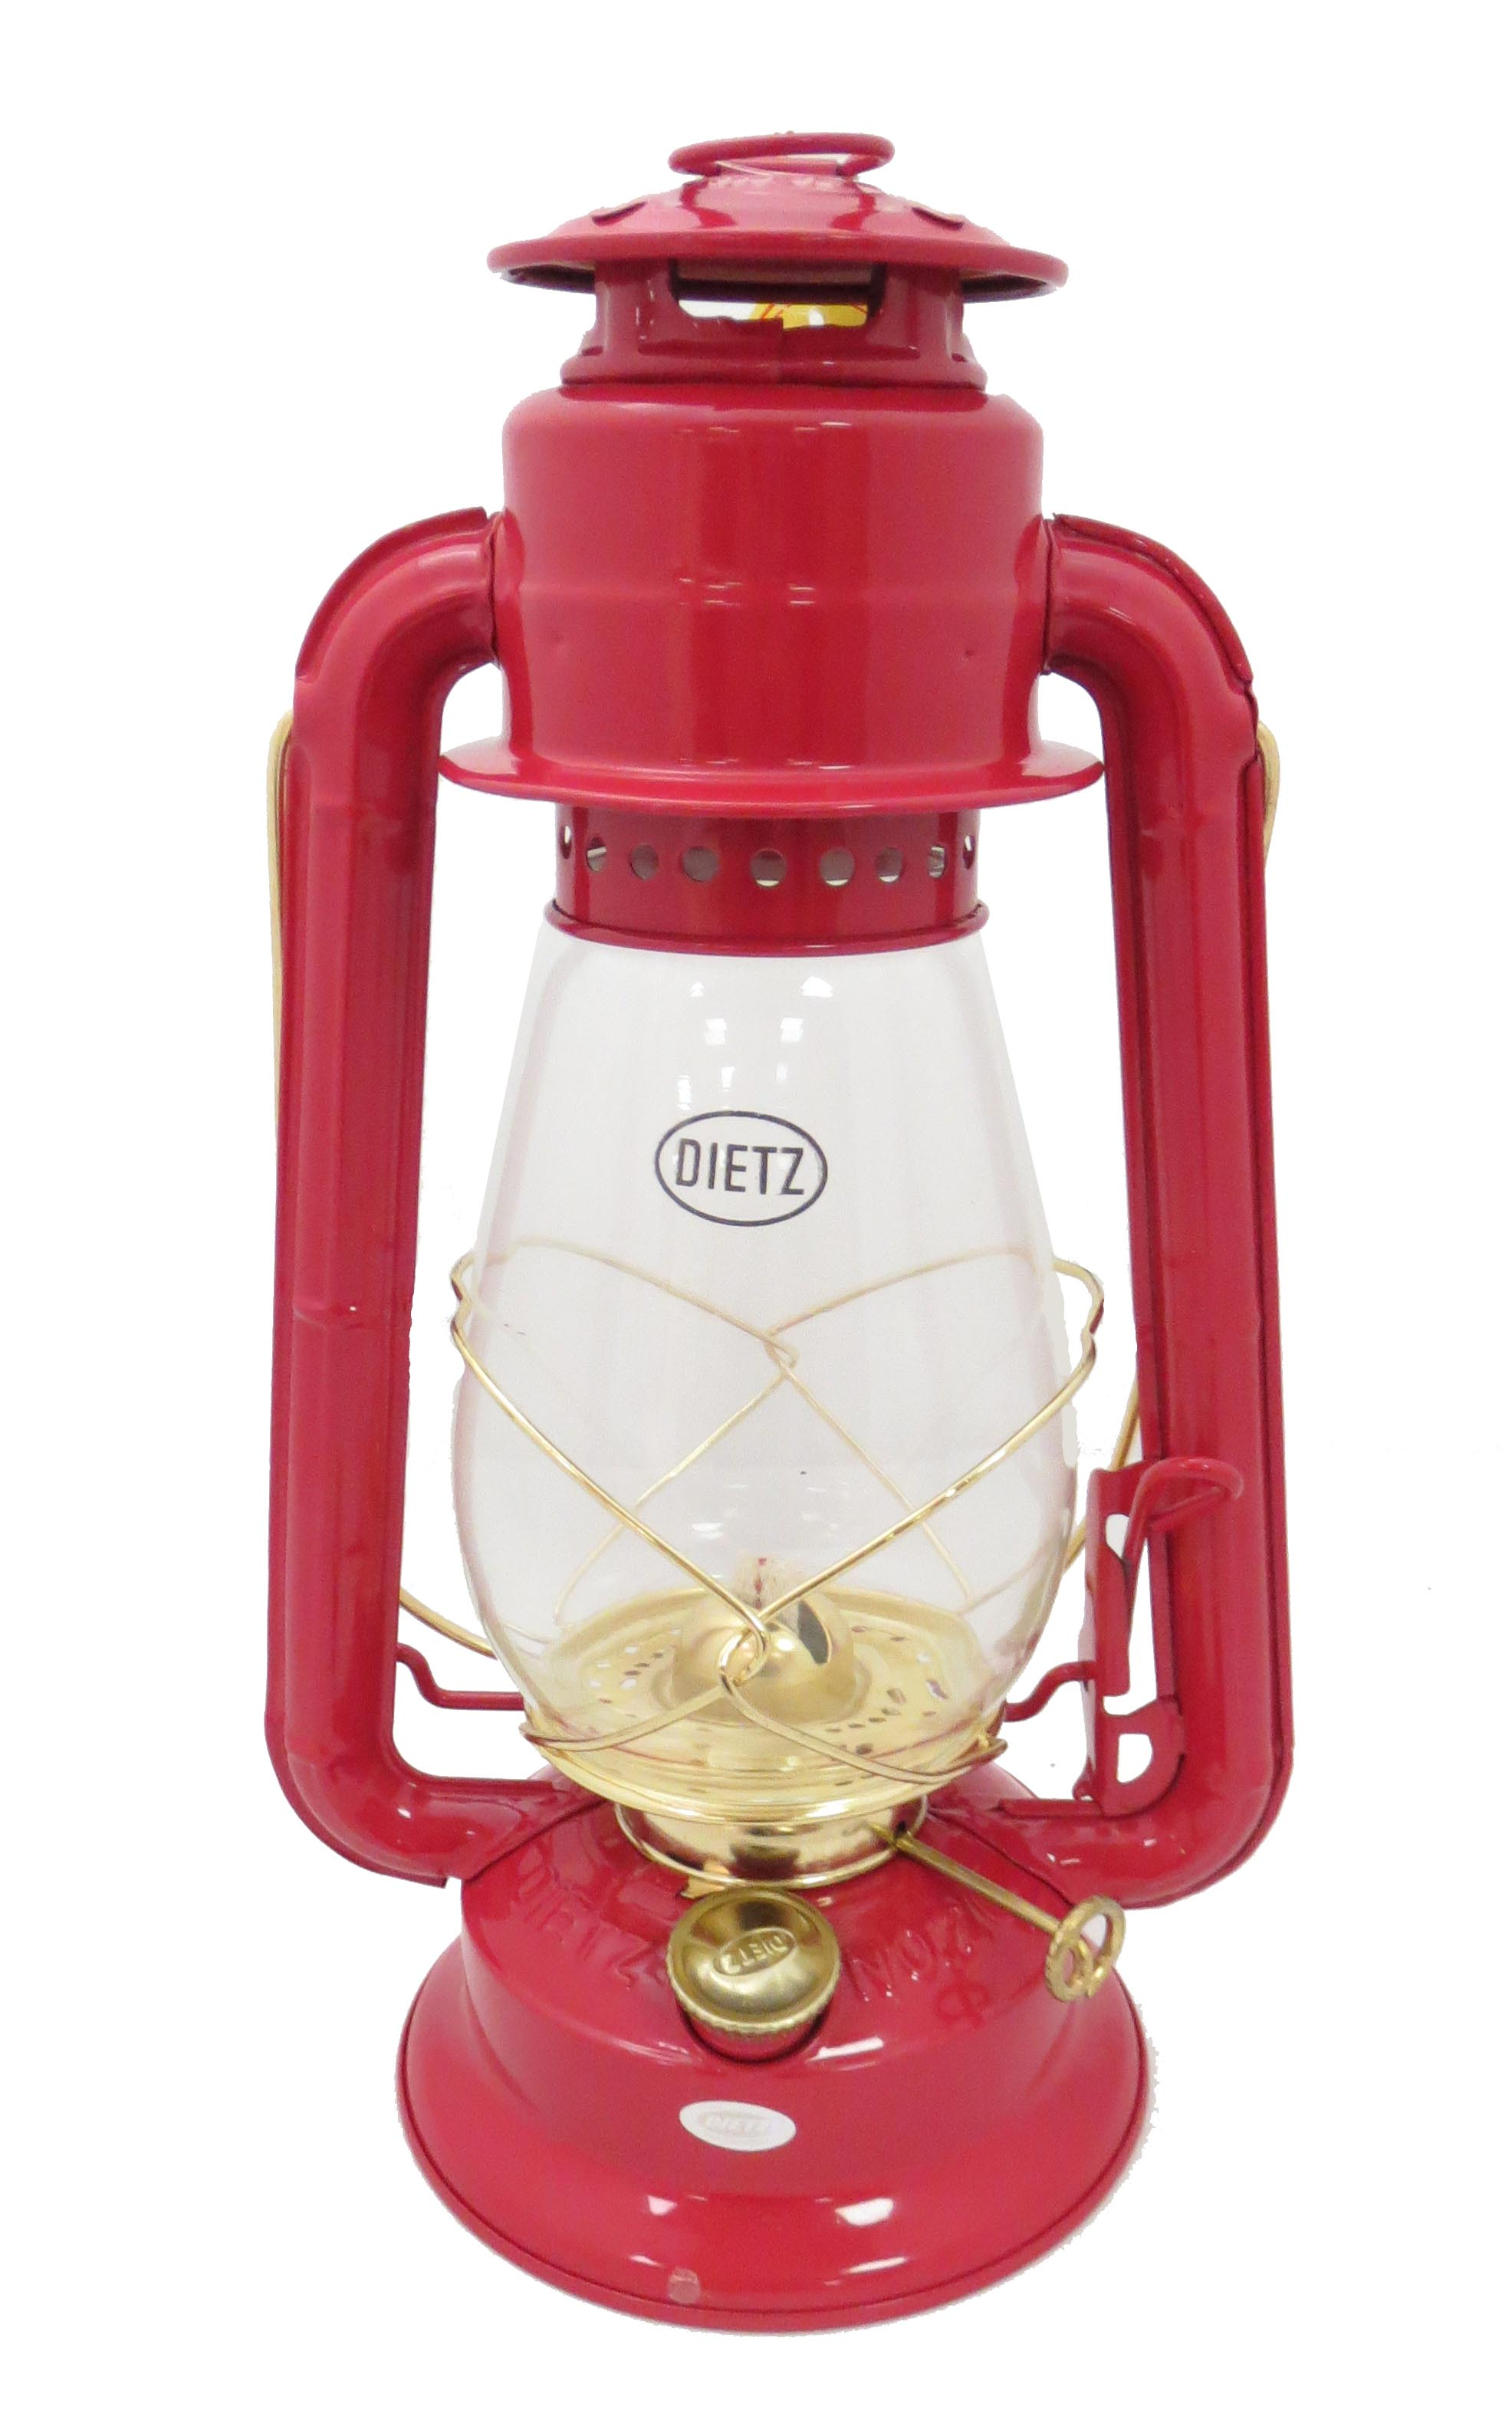 Dietz 20 Junior Lantern Red With Gold Trim 69878 B Amp P